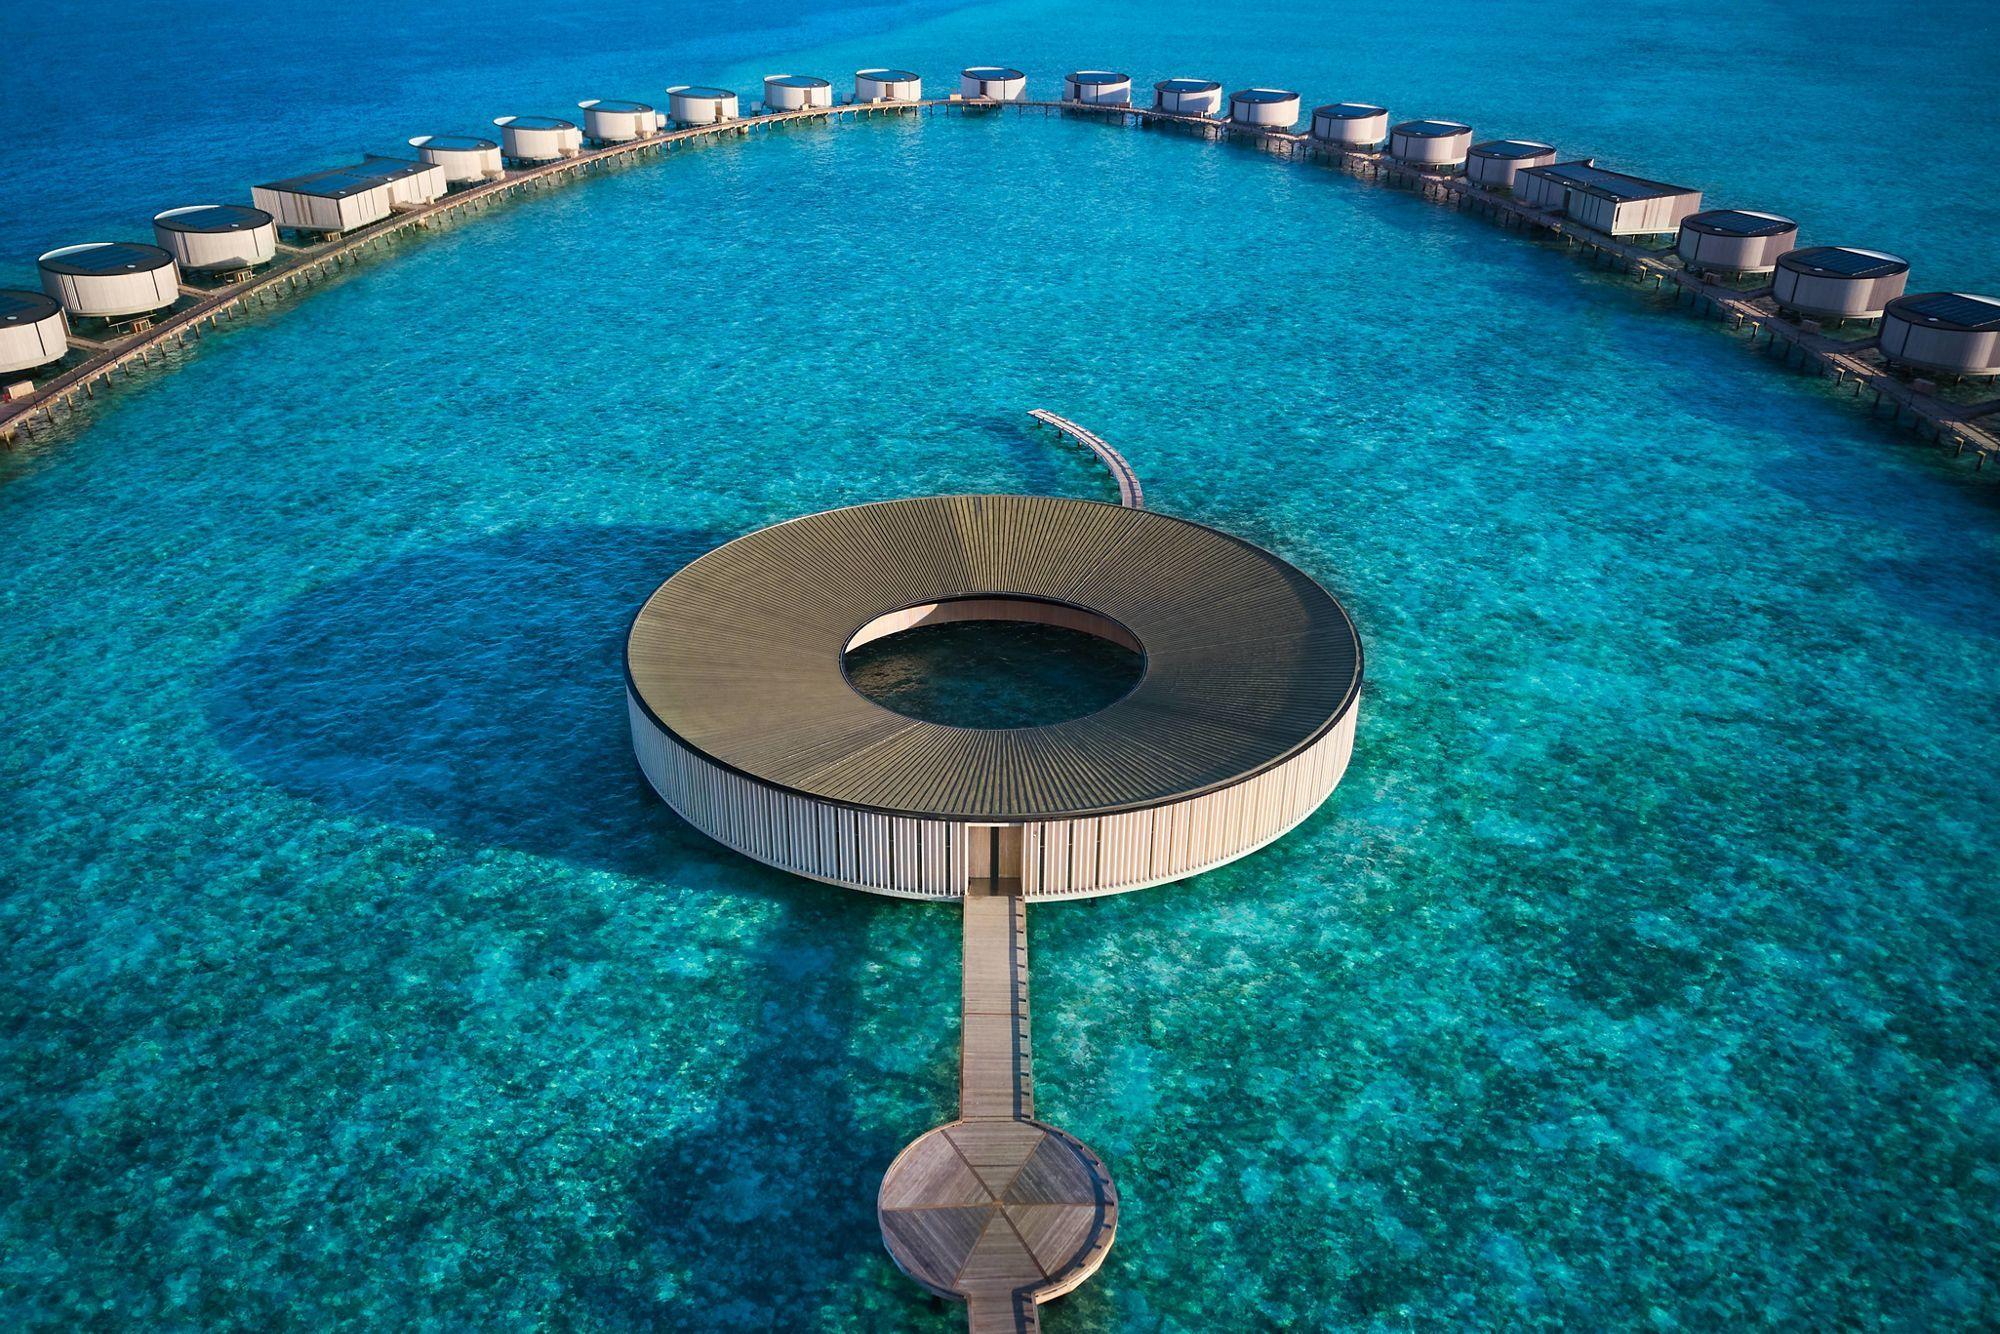 馬爾地夫 Ritz-Carlton 全新開幕!以「水流」、「海風」為極簡設計元素,頂級設施一次看